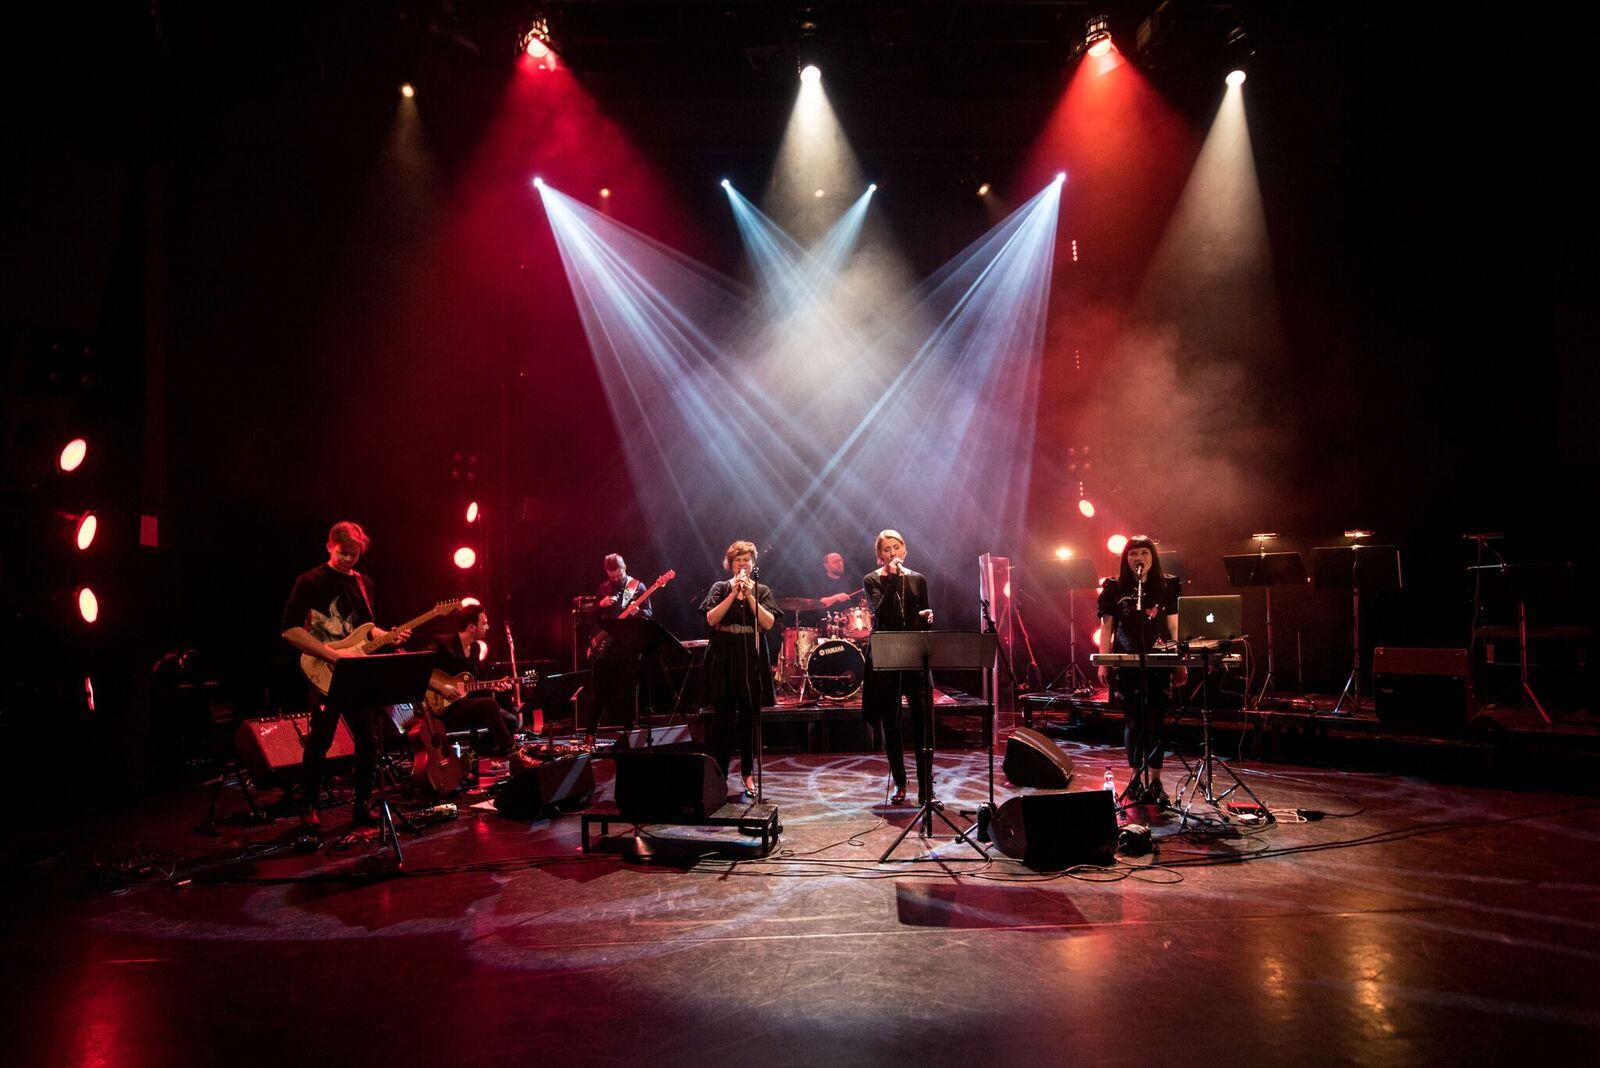 Arosa Ensemblen ydinkokoonpano on kuusihenkinen. Ahlsvedin lisäksi yhtyeeseen kuuluvat Heidi Kiviharju, Juhani Grönroos, Joona Hasan, Kalle Ylitalo ja Niklas Ahlsved. Kuva: Lasse Parkkila